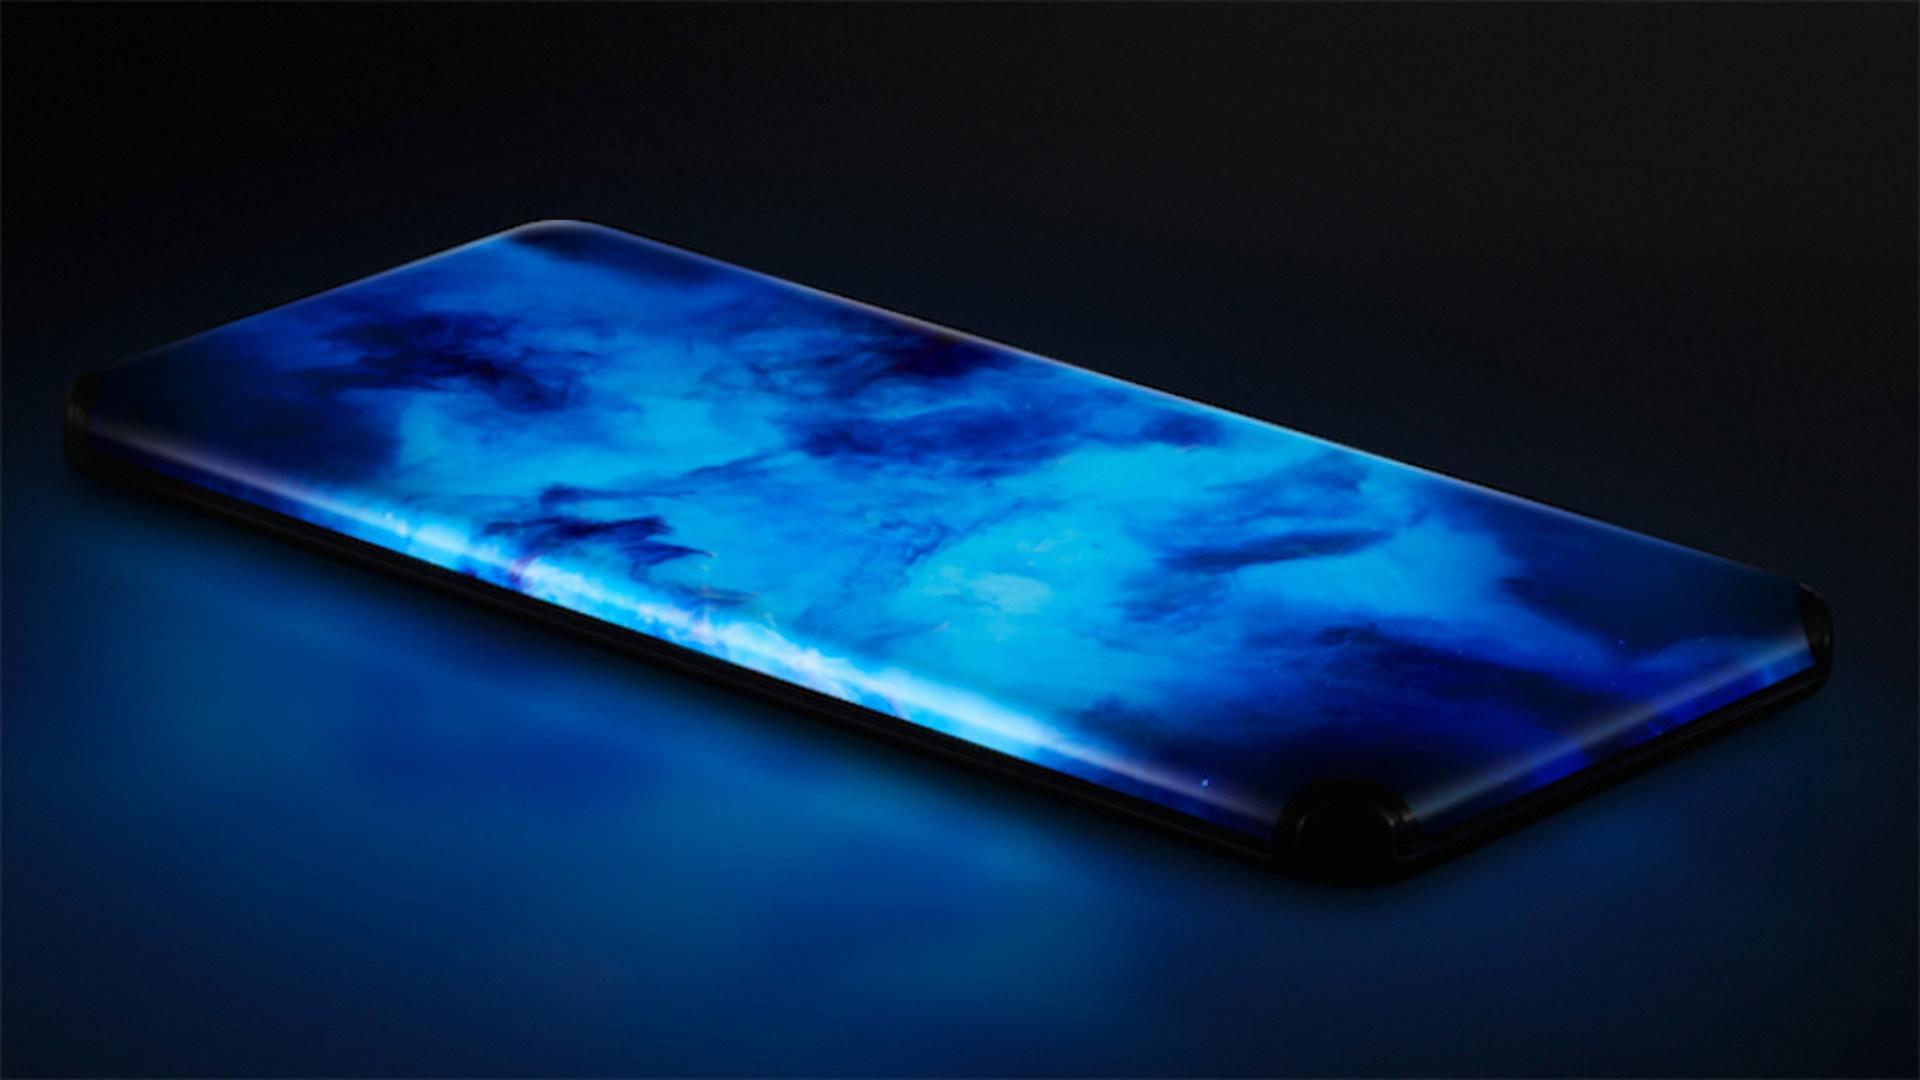 Smartphones, Xiaomi, Bildschirm, OLED, Panel, Konzept, Anschlüsse, curved, Waterfall Display